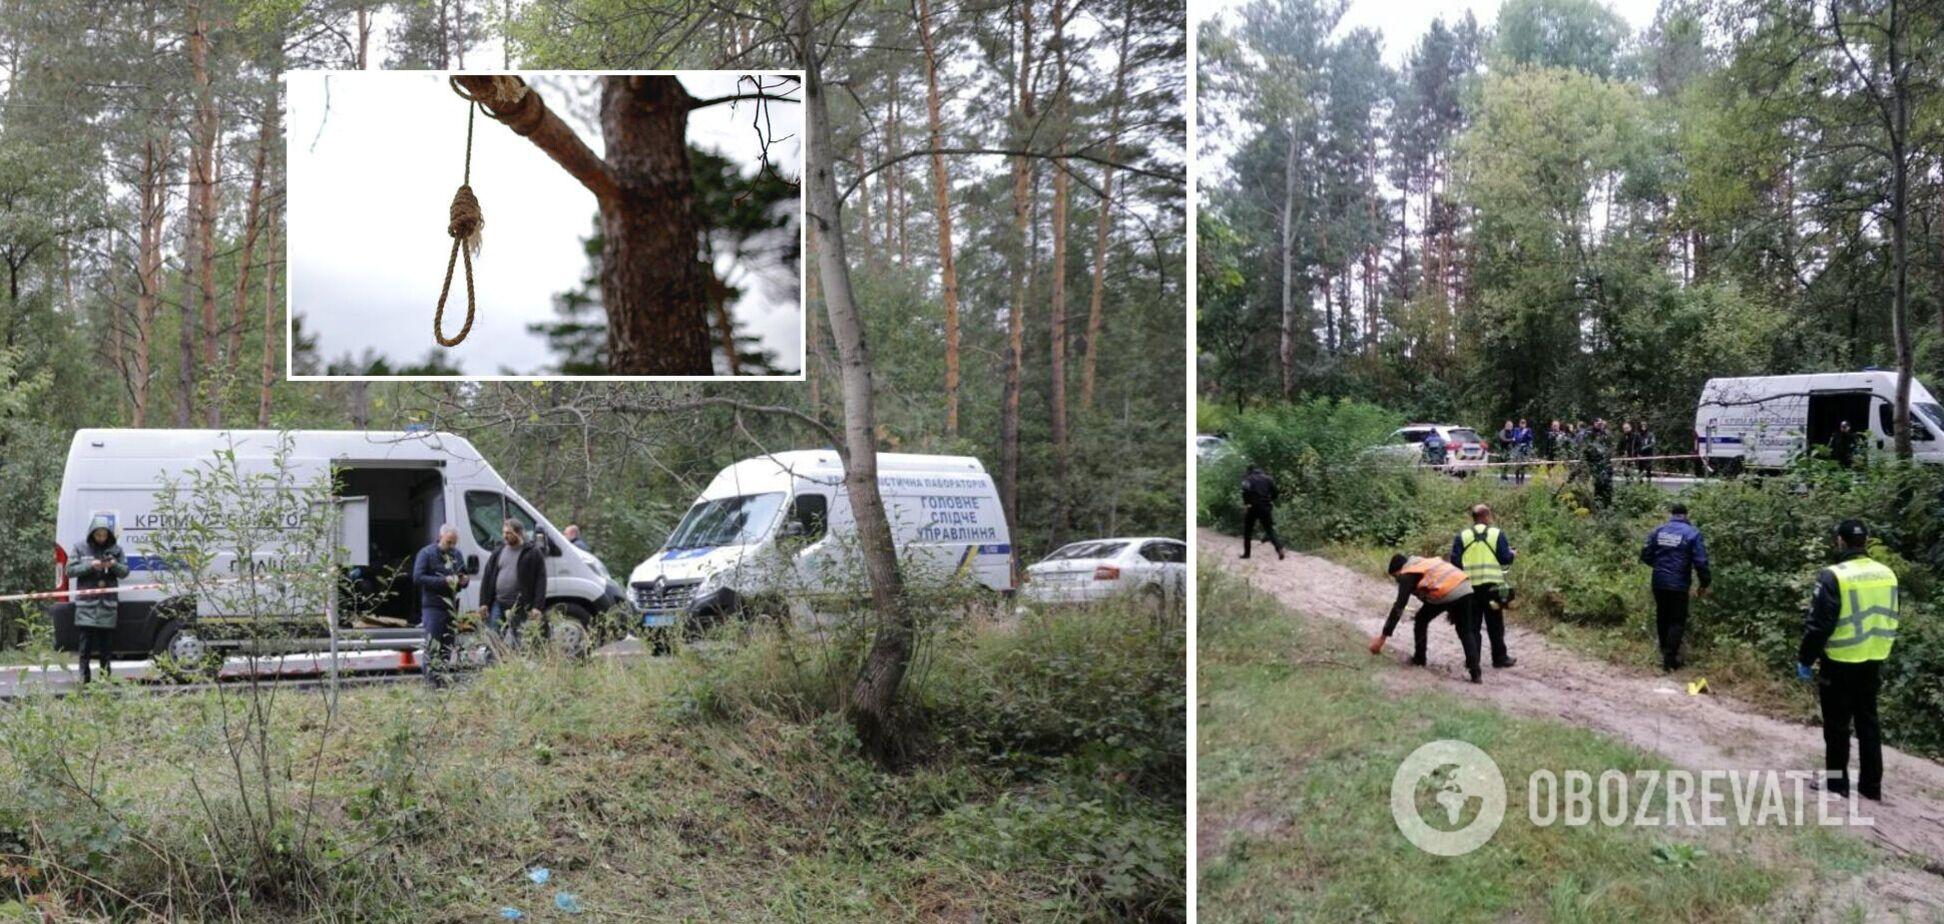 Поблизу місця замаху на Шефіра знайшли тіло людини: в поліції розкрили деталі